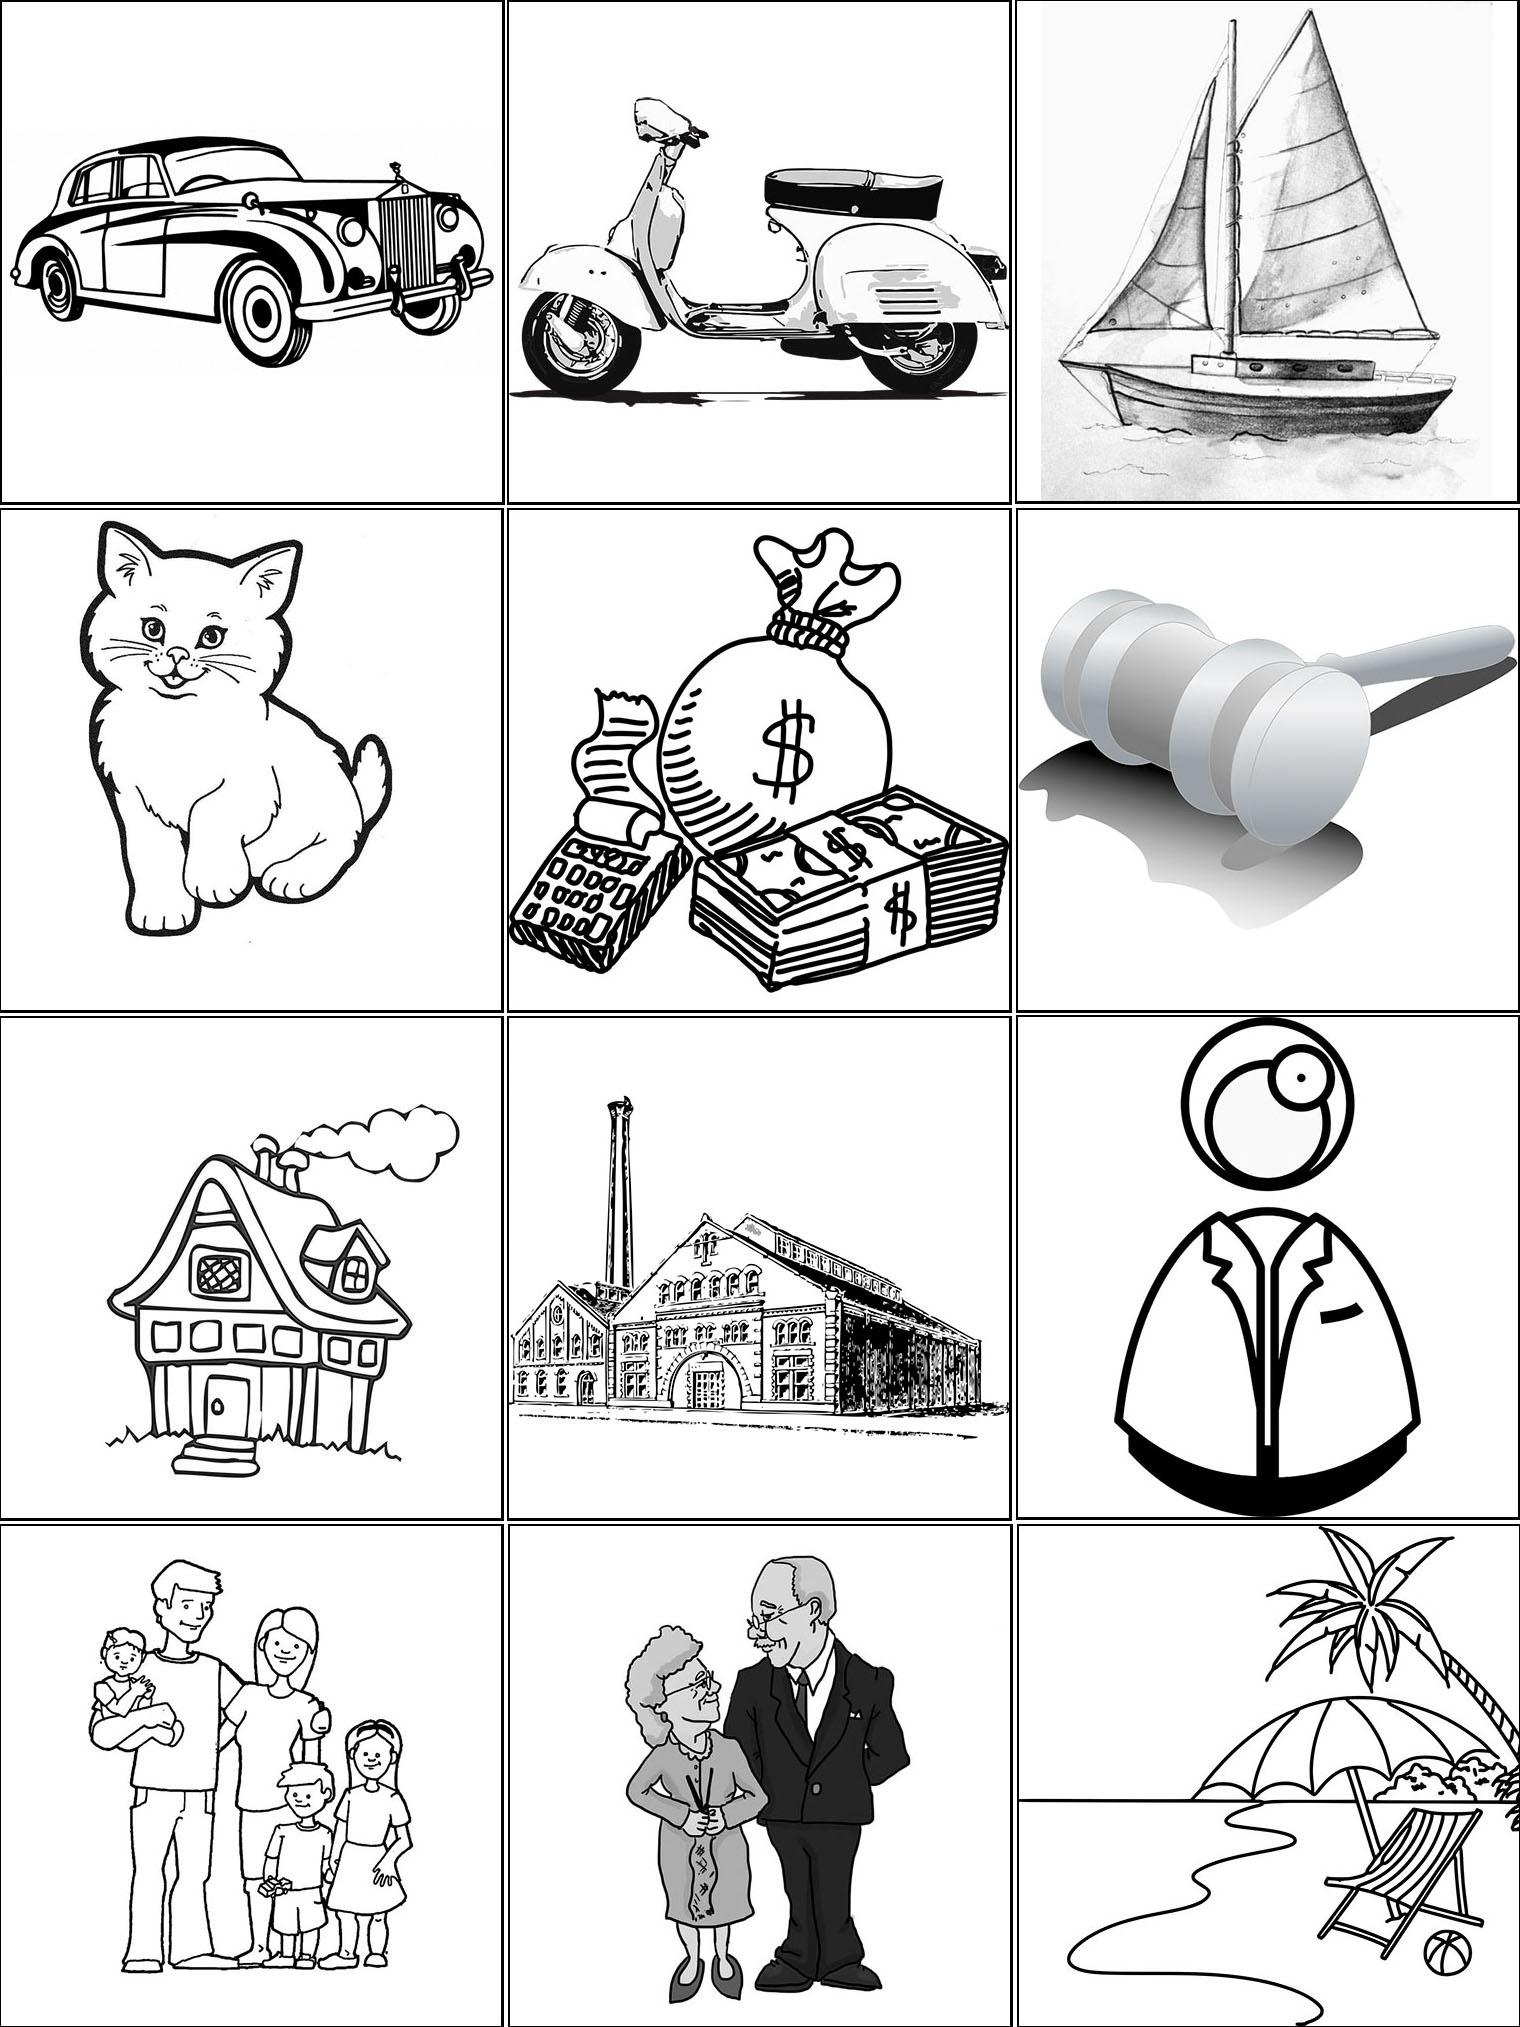 Assicurazione-fncs